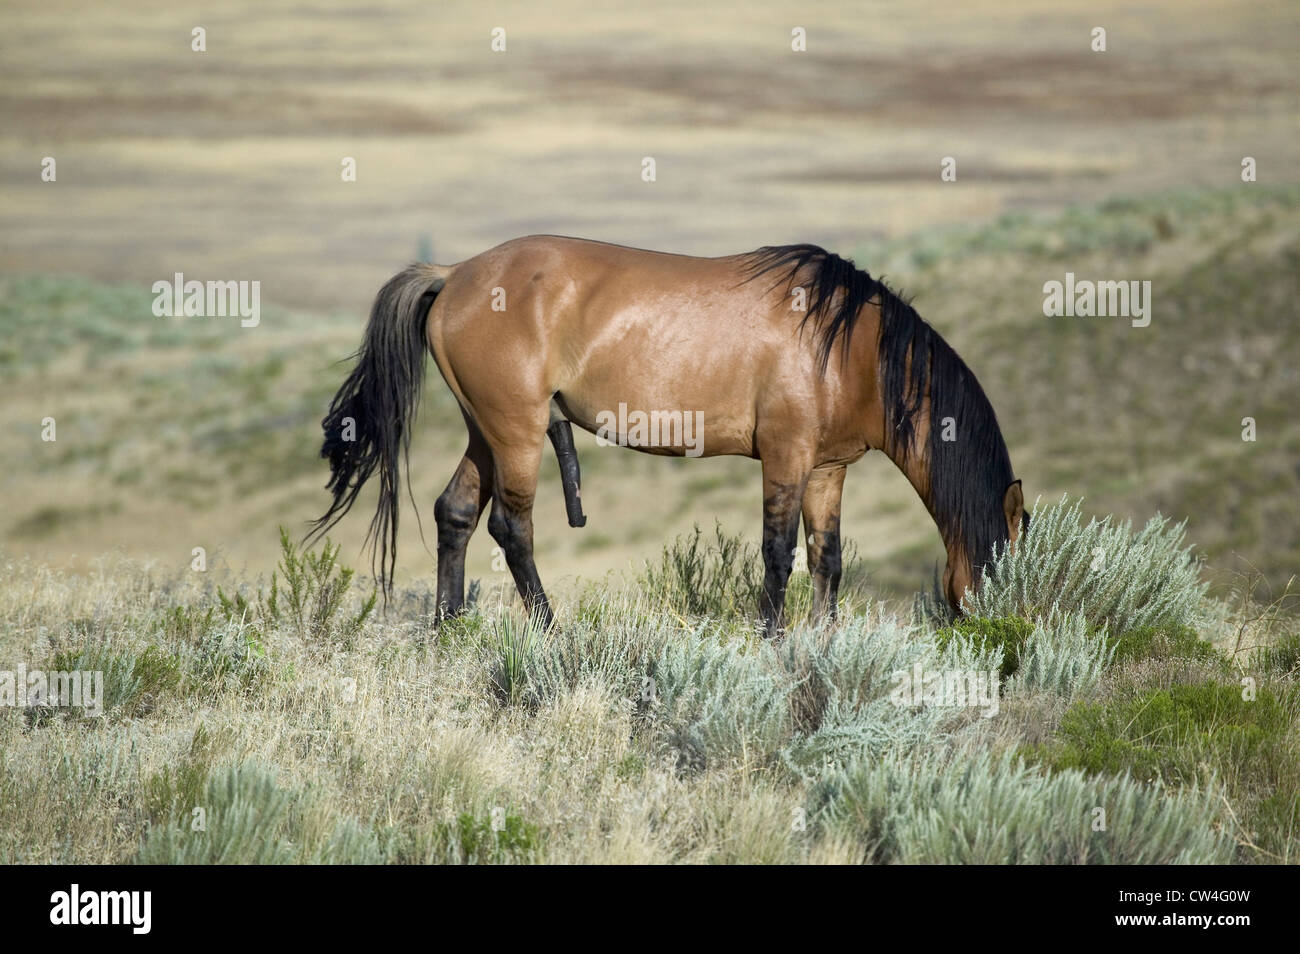 Connu sous le nom de cheval Casanova avec une érection l'un des chevaux sauvages Black Hills Wild Horse Sanctuary Banque D'Images